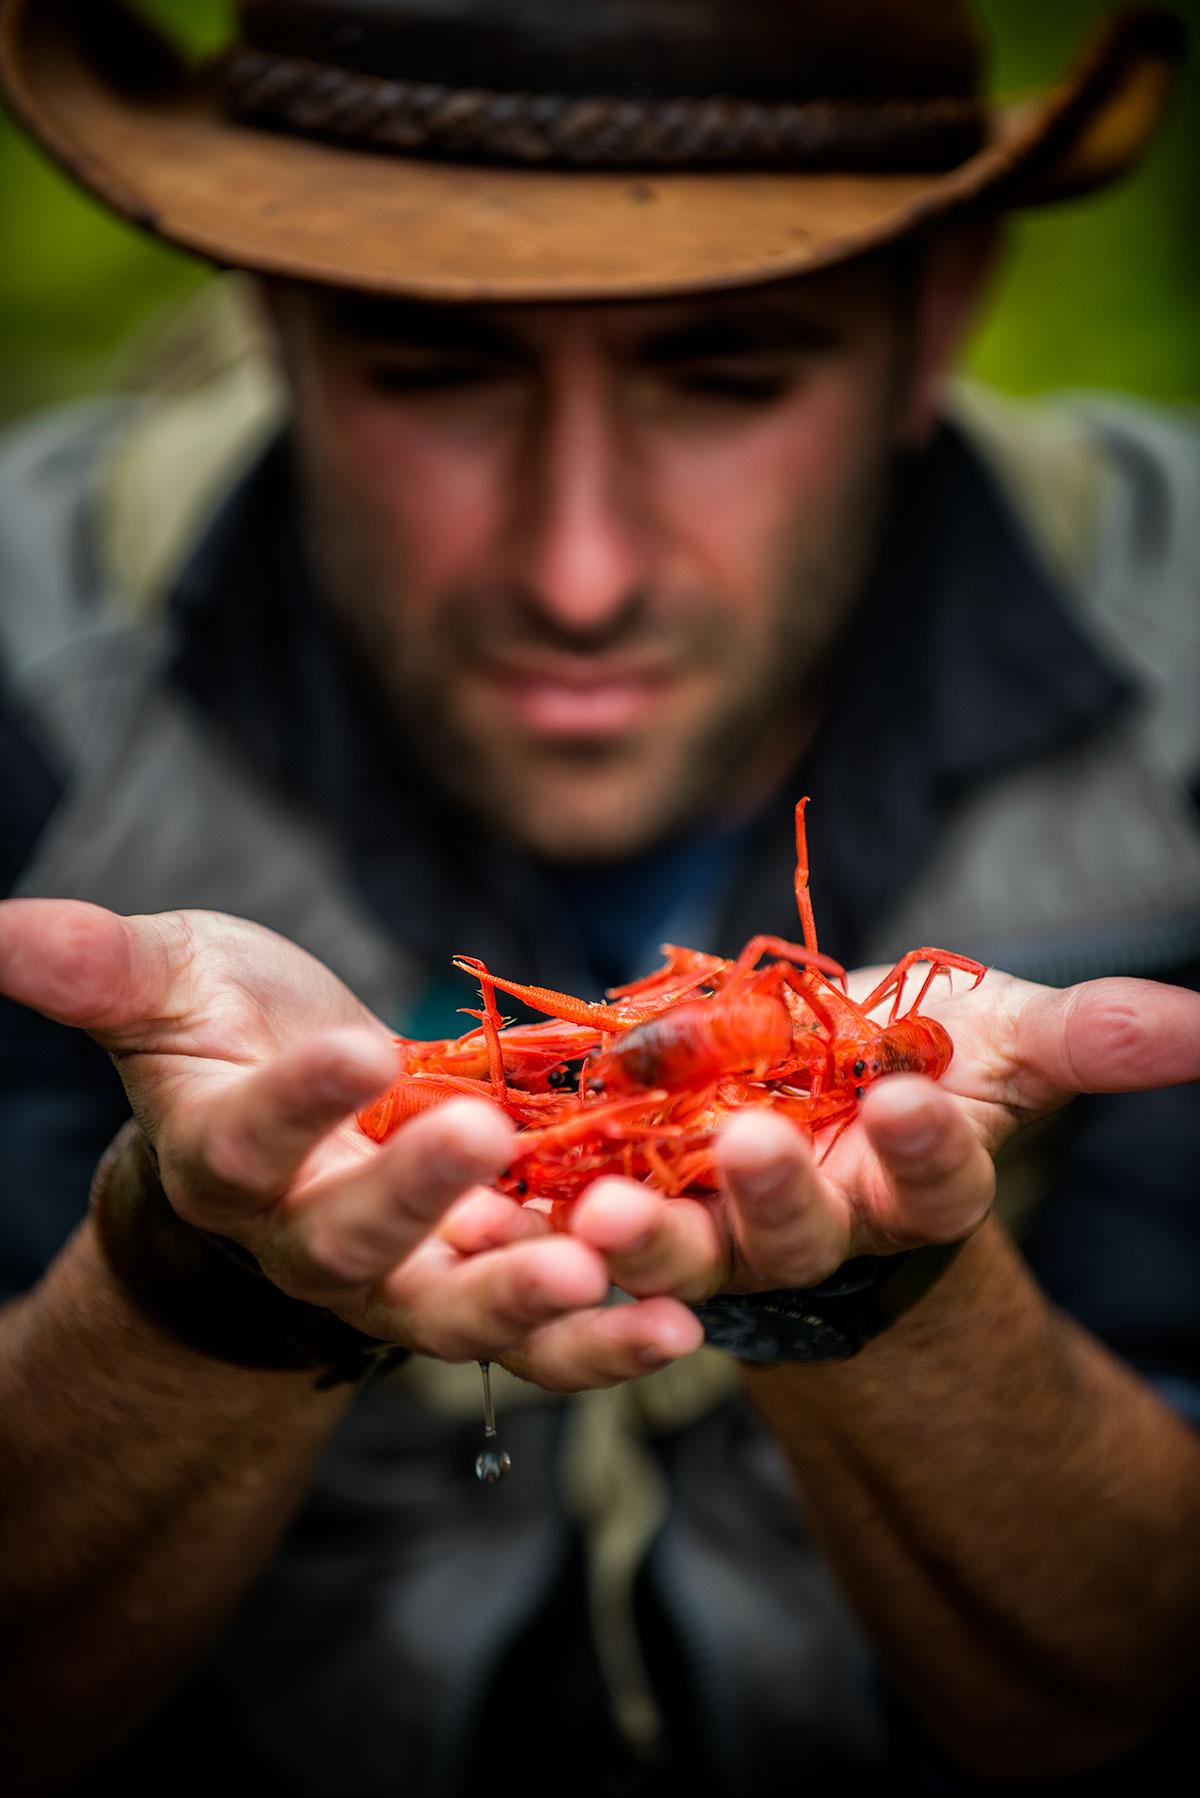 austin-trigg-brave-wilderness-la-jolla-california-Cyote-Peterson-Tuna-Crabs.jpg